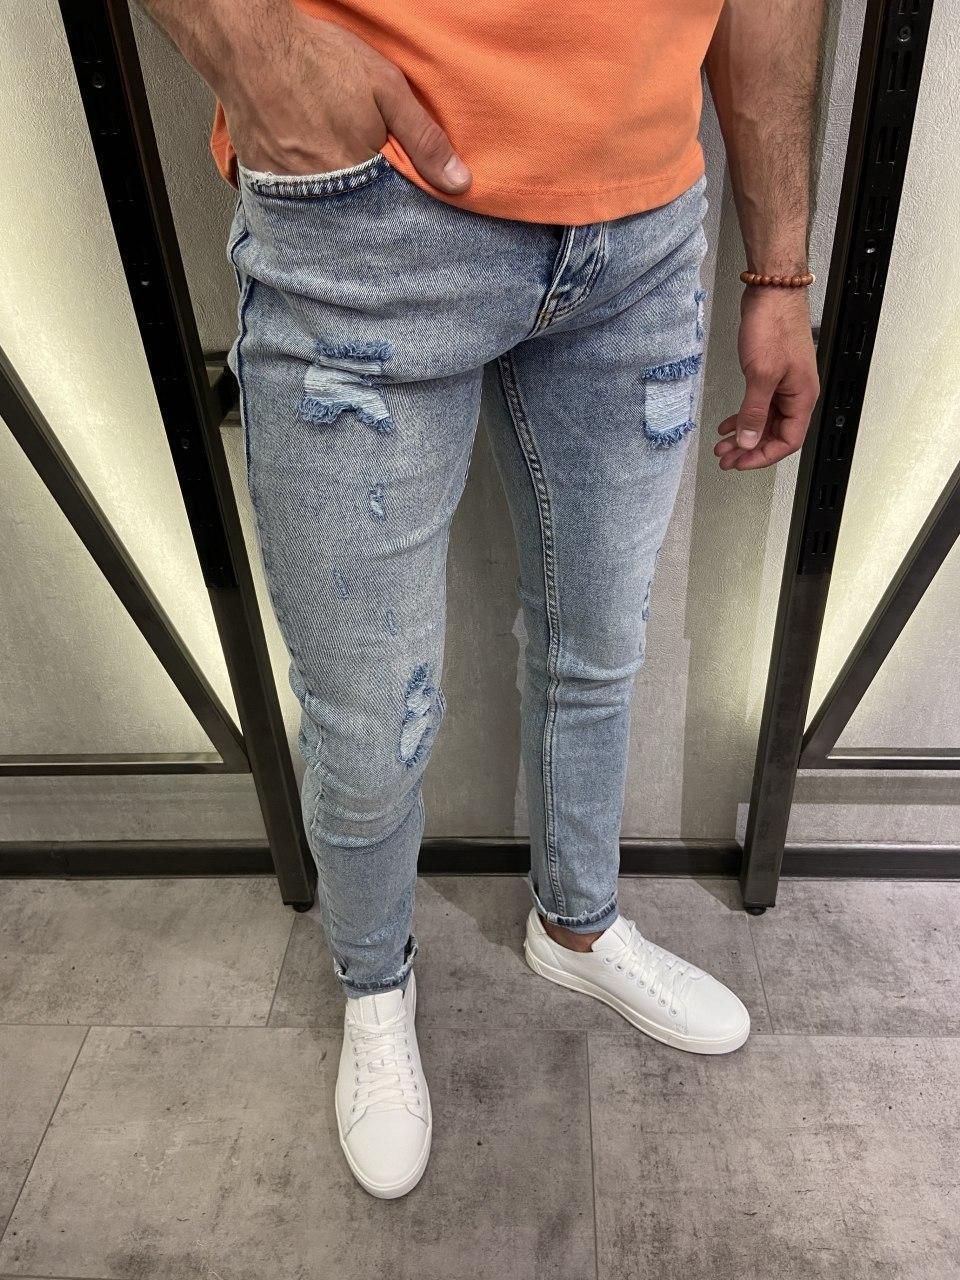 Чоловічі джинси завужені сірого кольору з латками